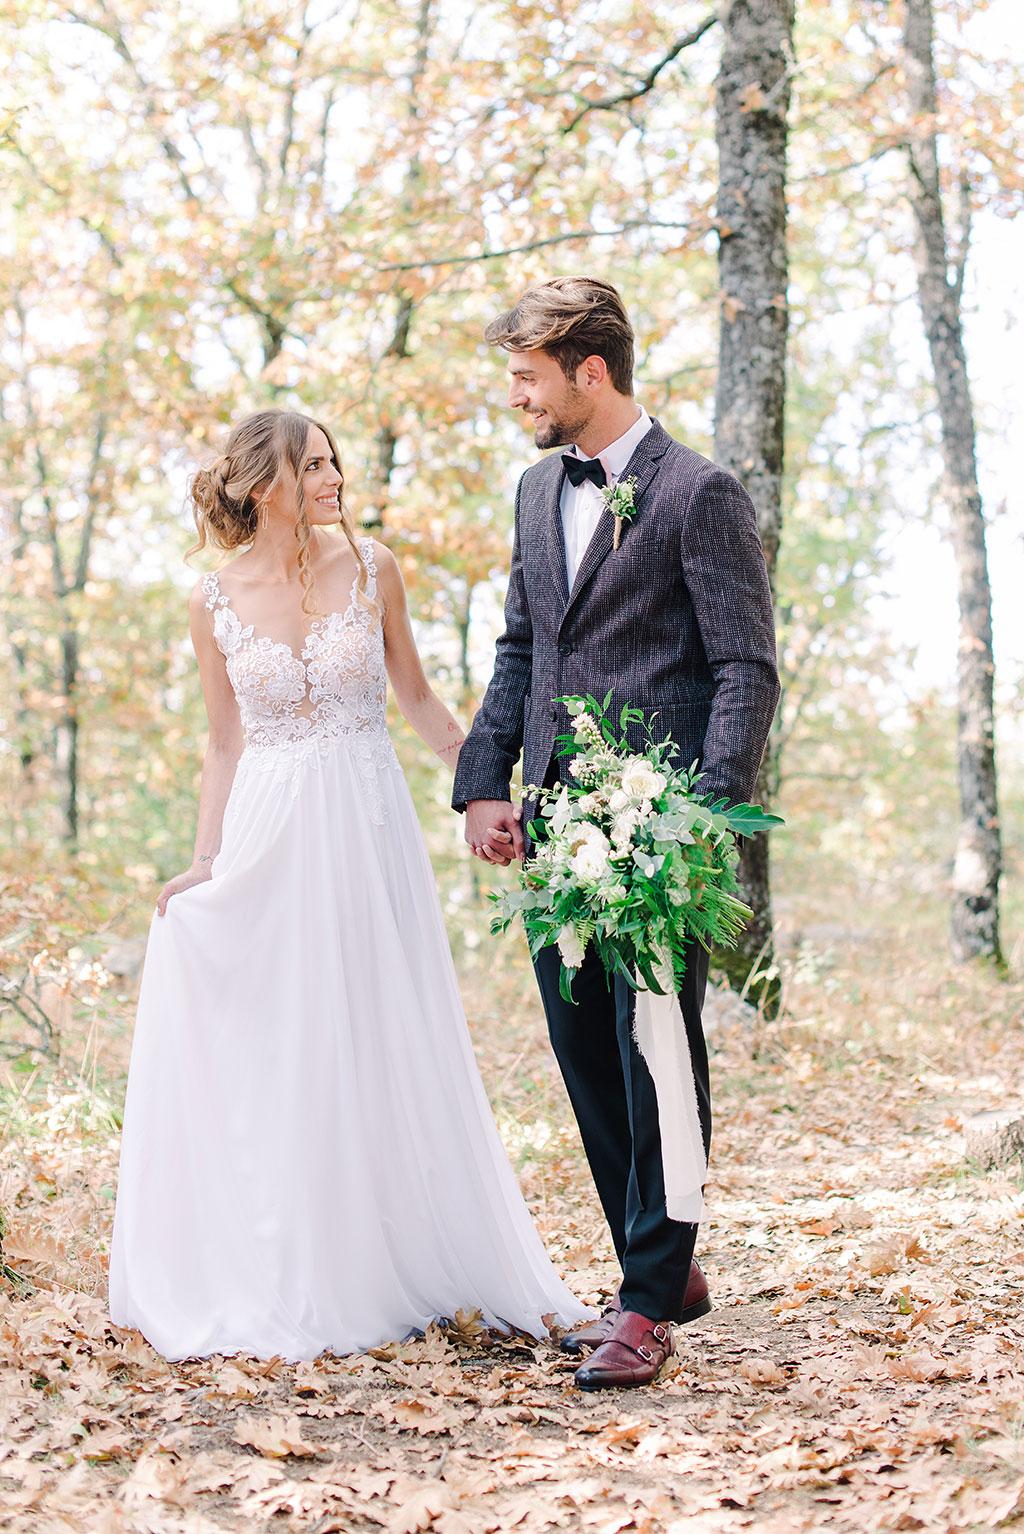 bride and groom walking in the forest after the ceremony, το ζευγάρι περπατάει μέσα στο δάσος με την τελετή του γάμου τους